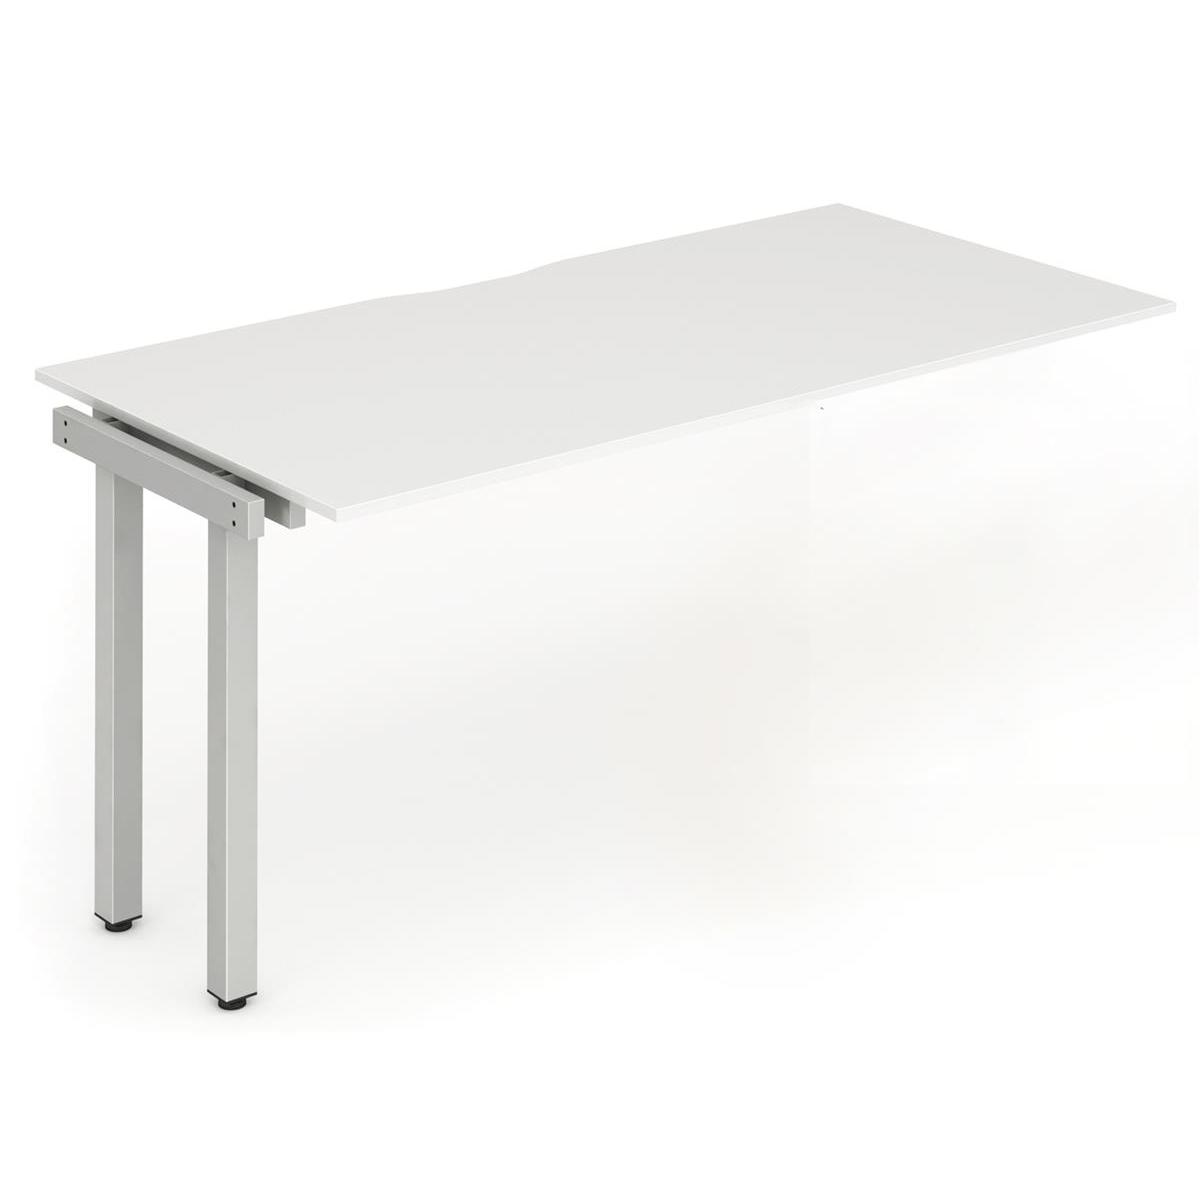 Trexus Bench Desk Single Extension Silver Leg 1400x800mm White Ref BE335